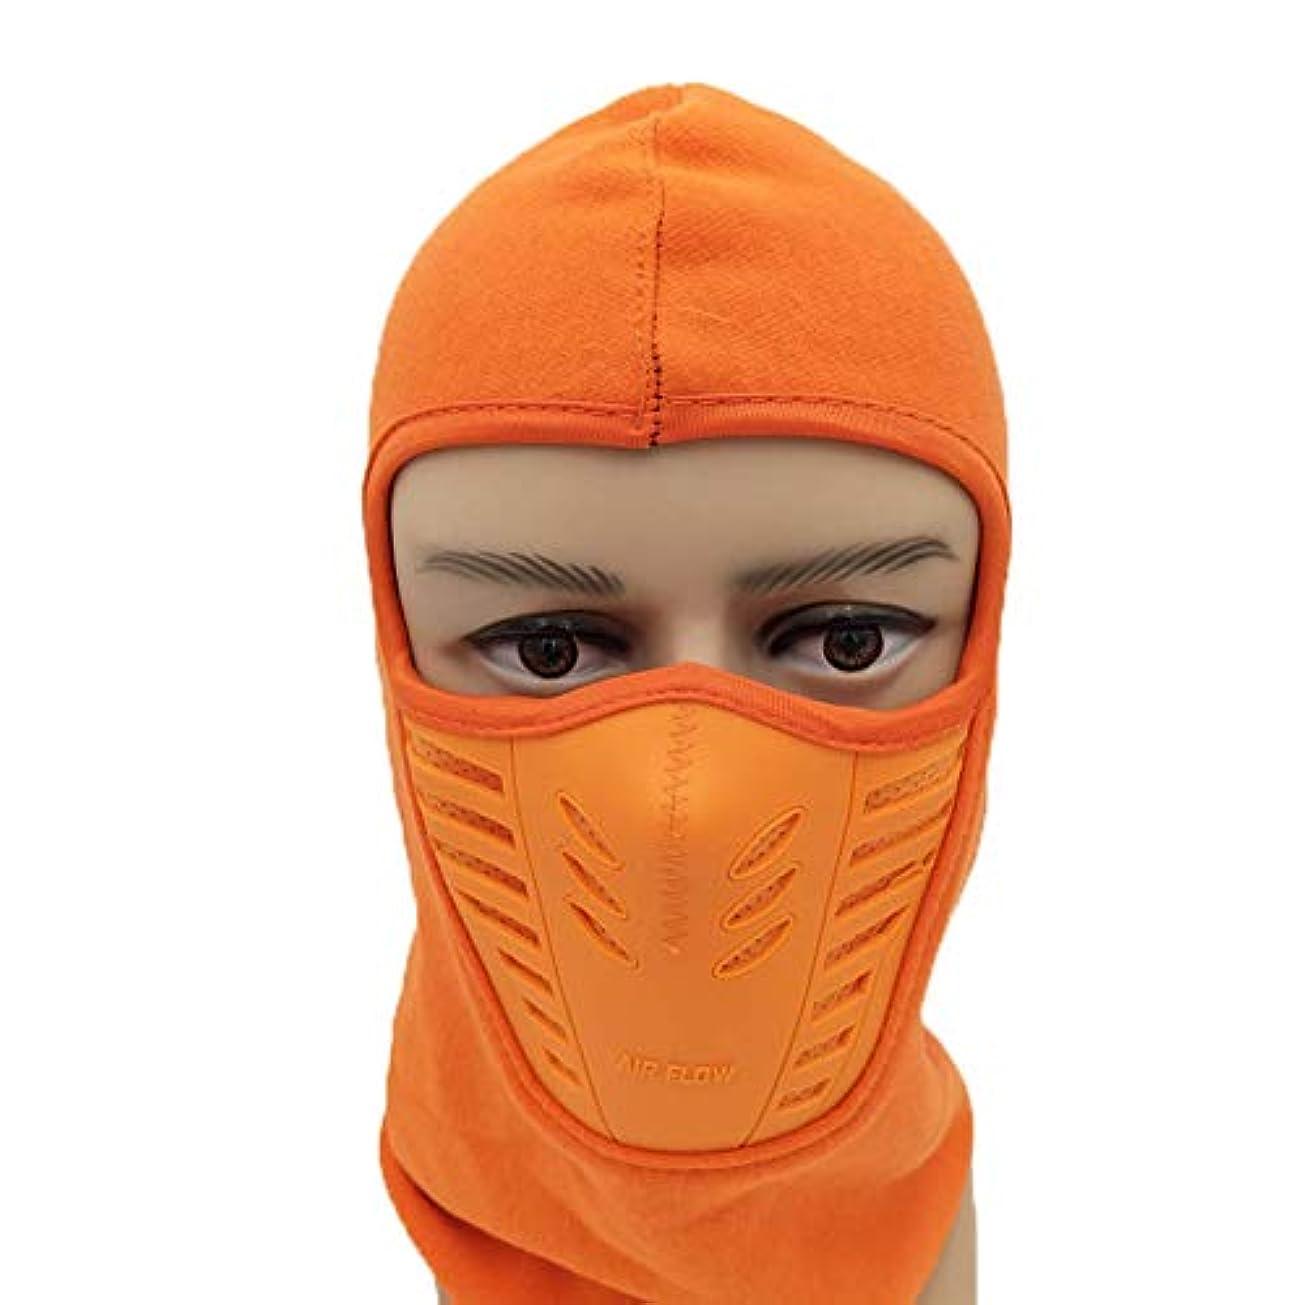 Xlpウィンターフリースネックウォーマー、フェイスマスクカバー、厚手ロングネックガーターチューブ、ビーニーネックウォーマーフード、ウィンターアウトドアスポーツマスク防風フード帽子